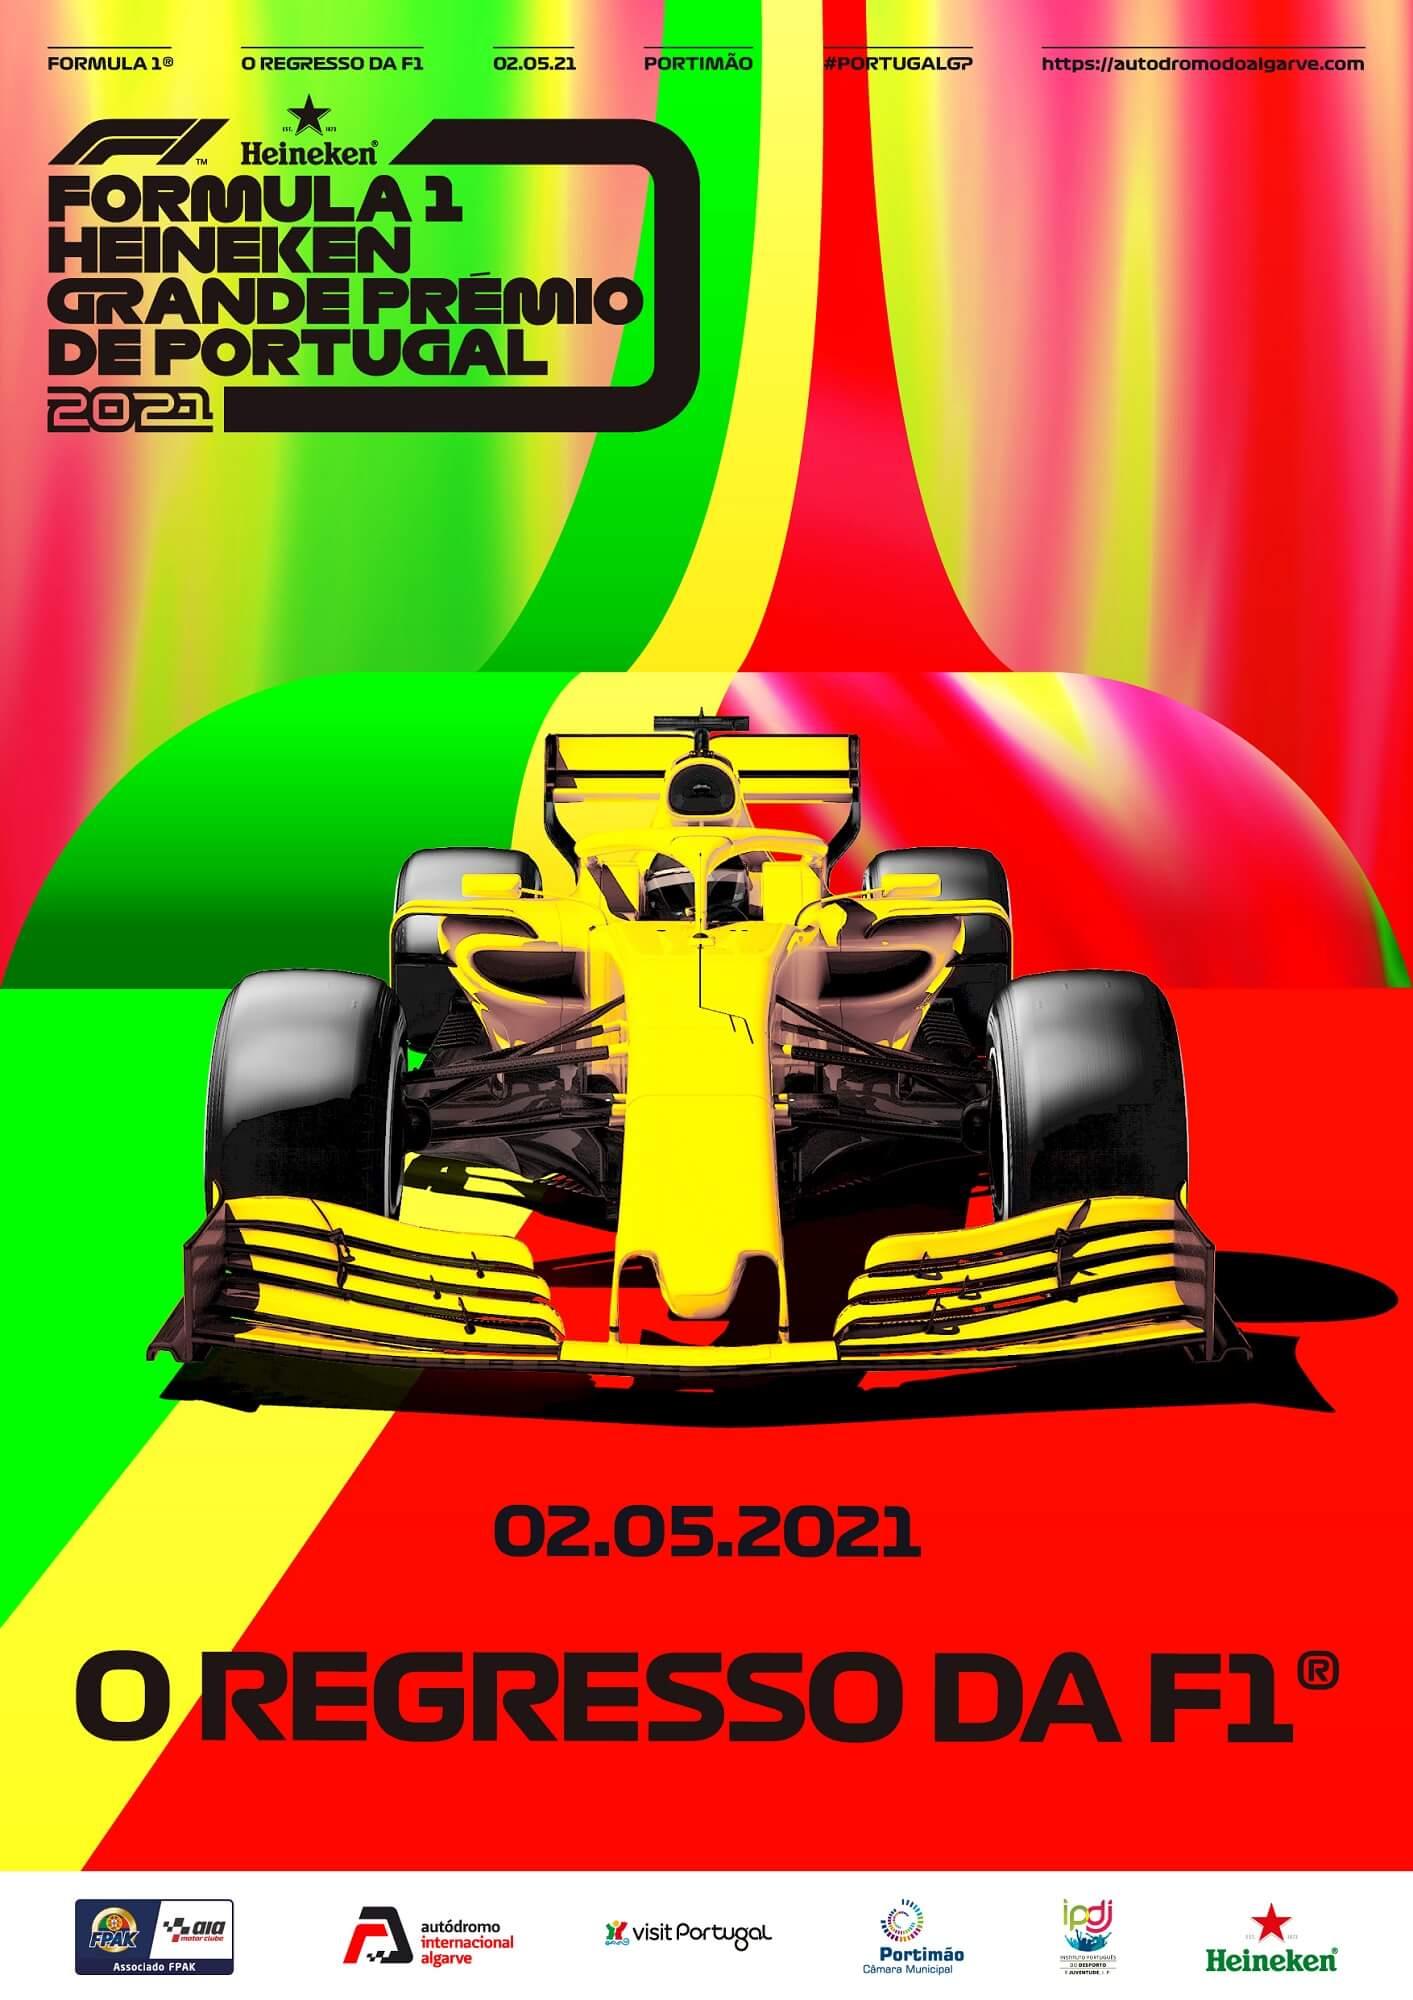 F1 GP de Portugal poster